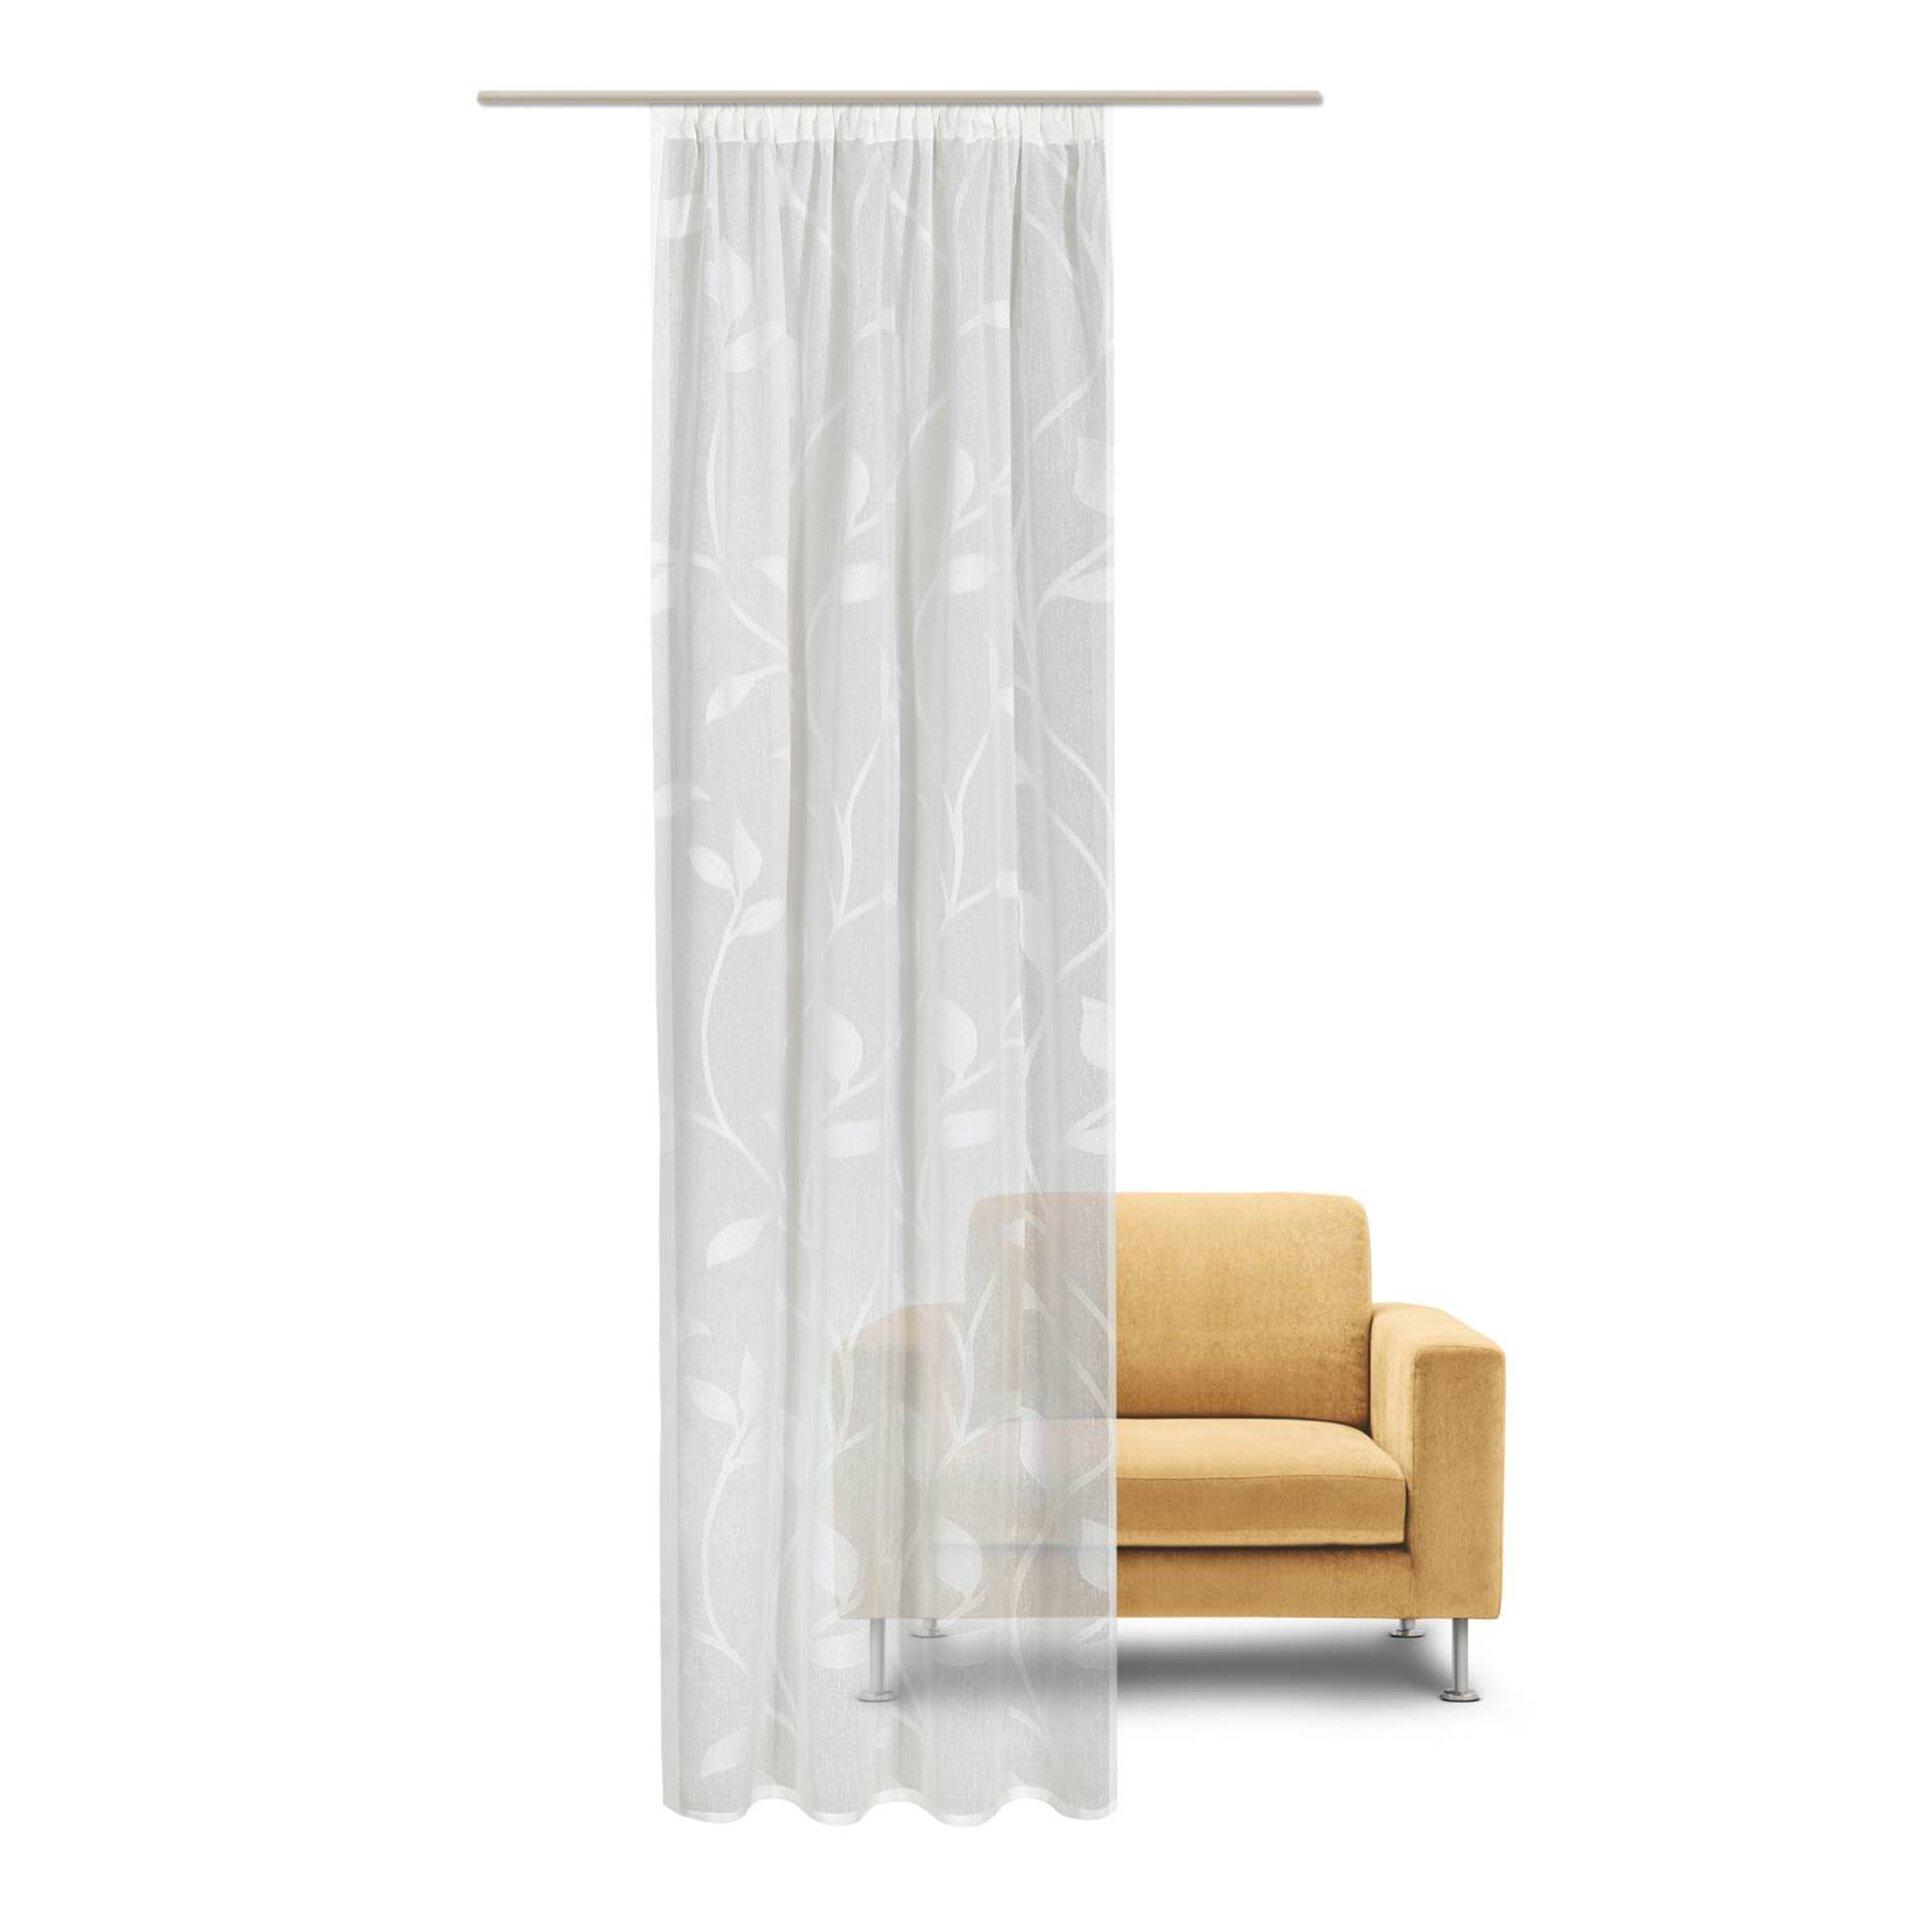 Dekoschal Blattranke Gerster Collection Textil 140 x 245 cm